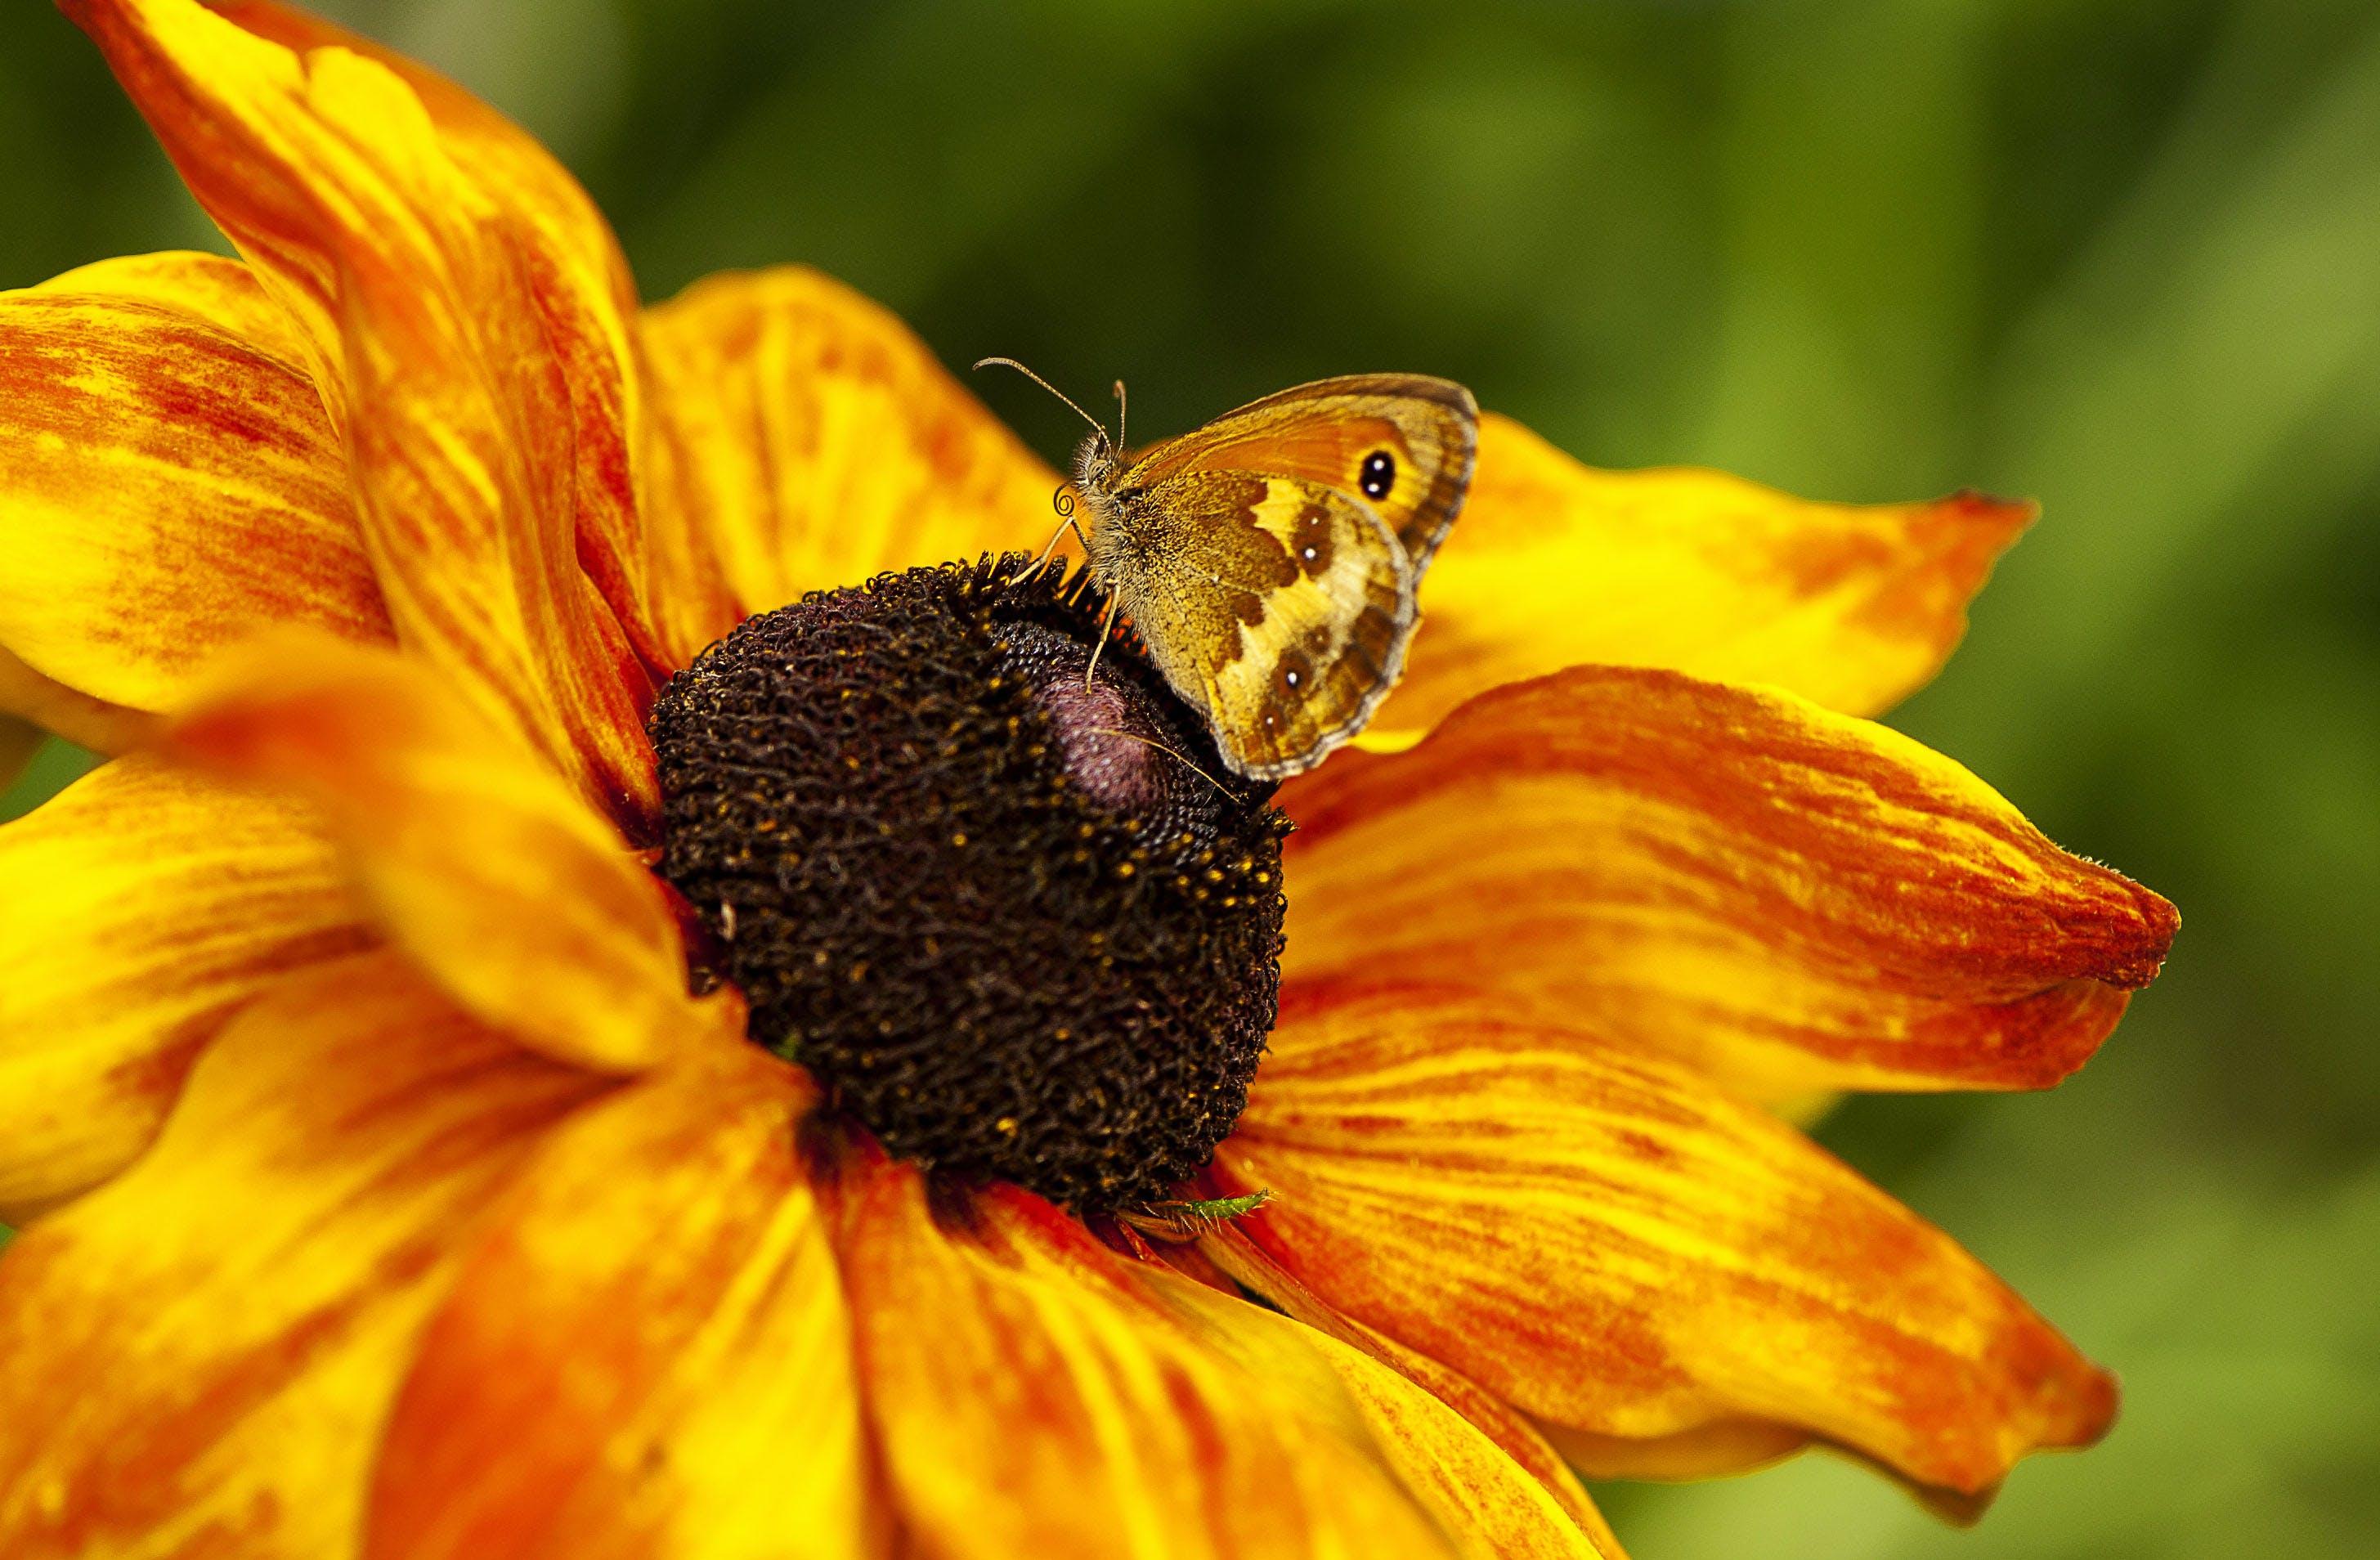 Δωρεάν στοκ φωτογραφιών με γκρο πλαν, έντομο, μακροφωτογράφιση, πεταλούδα